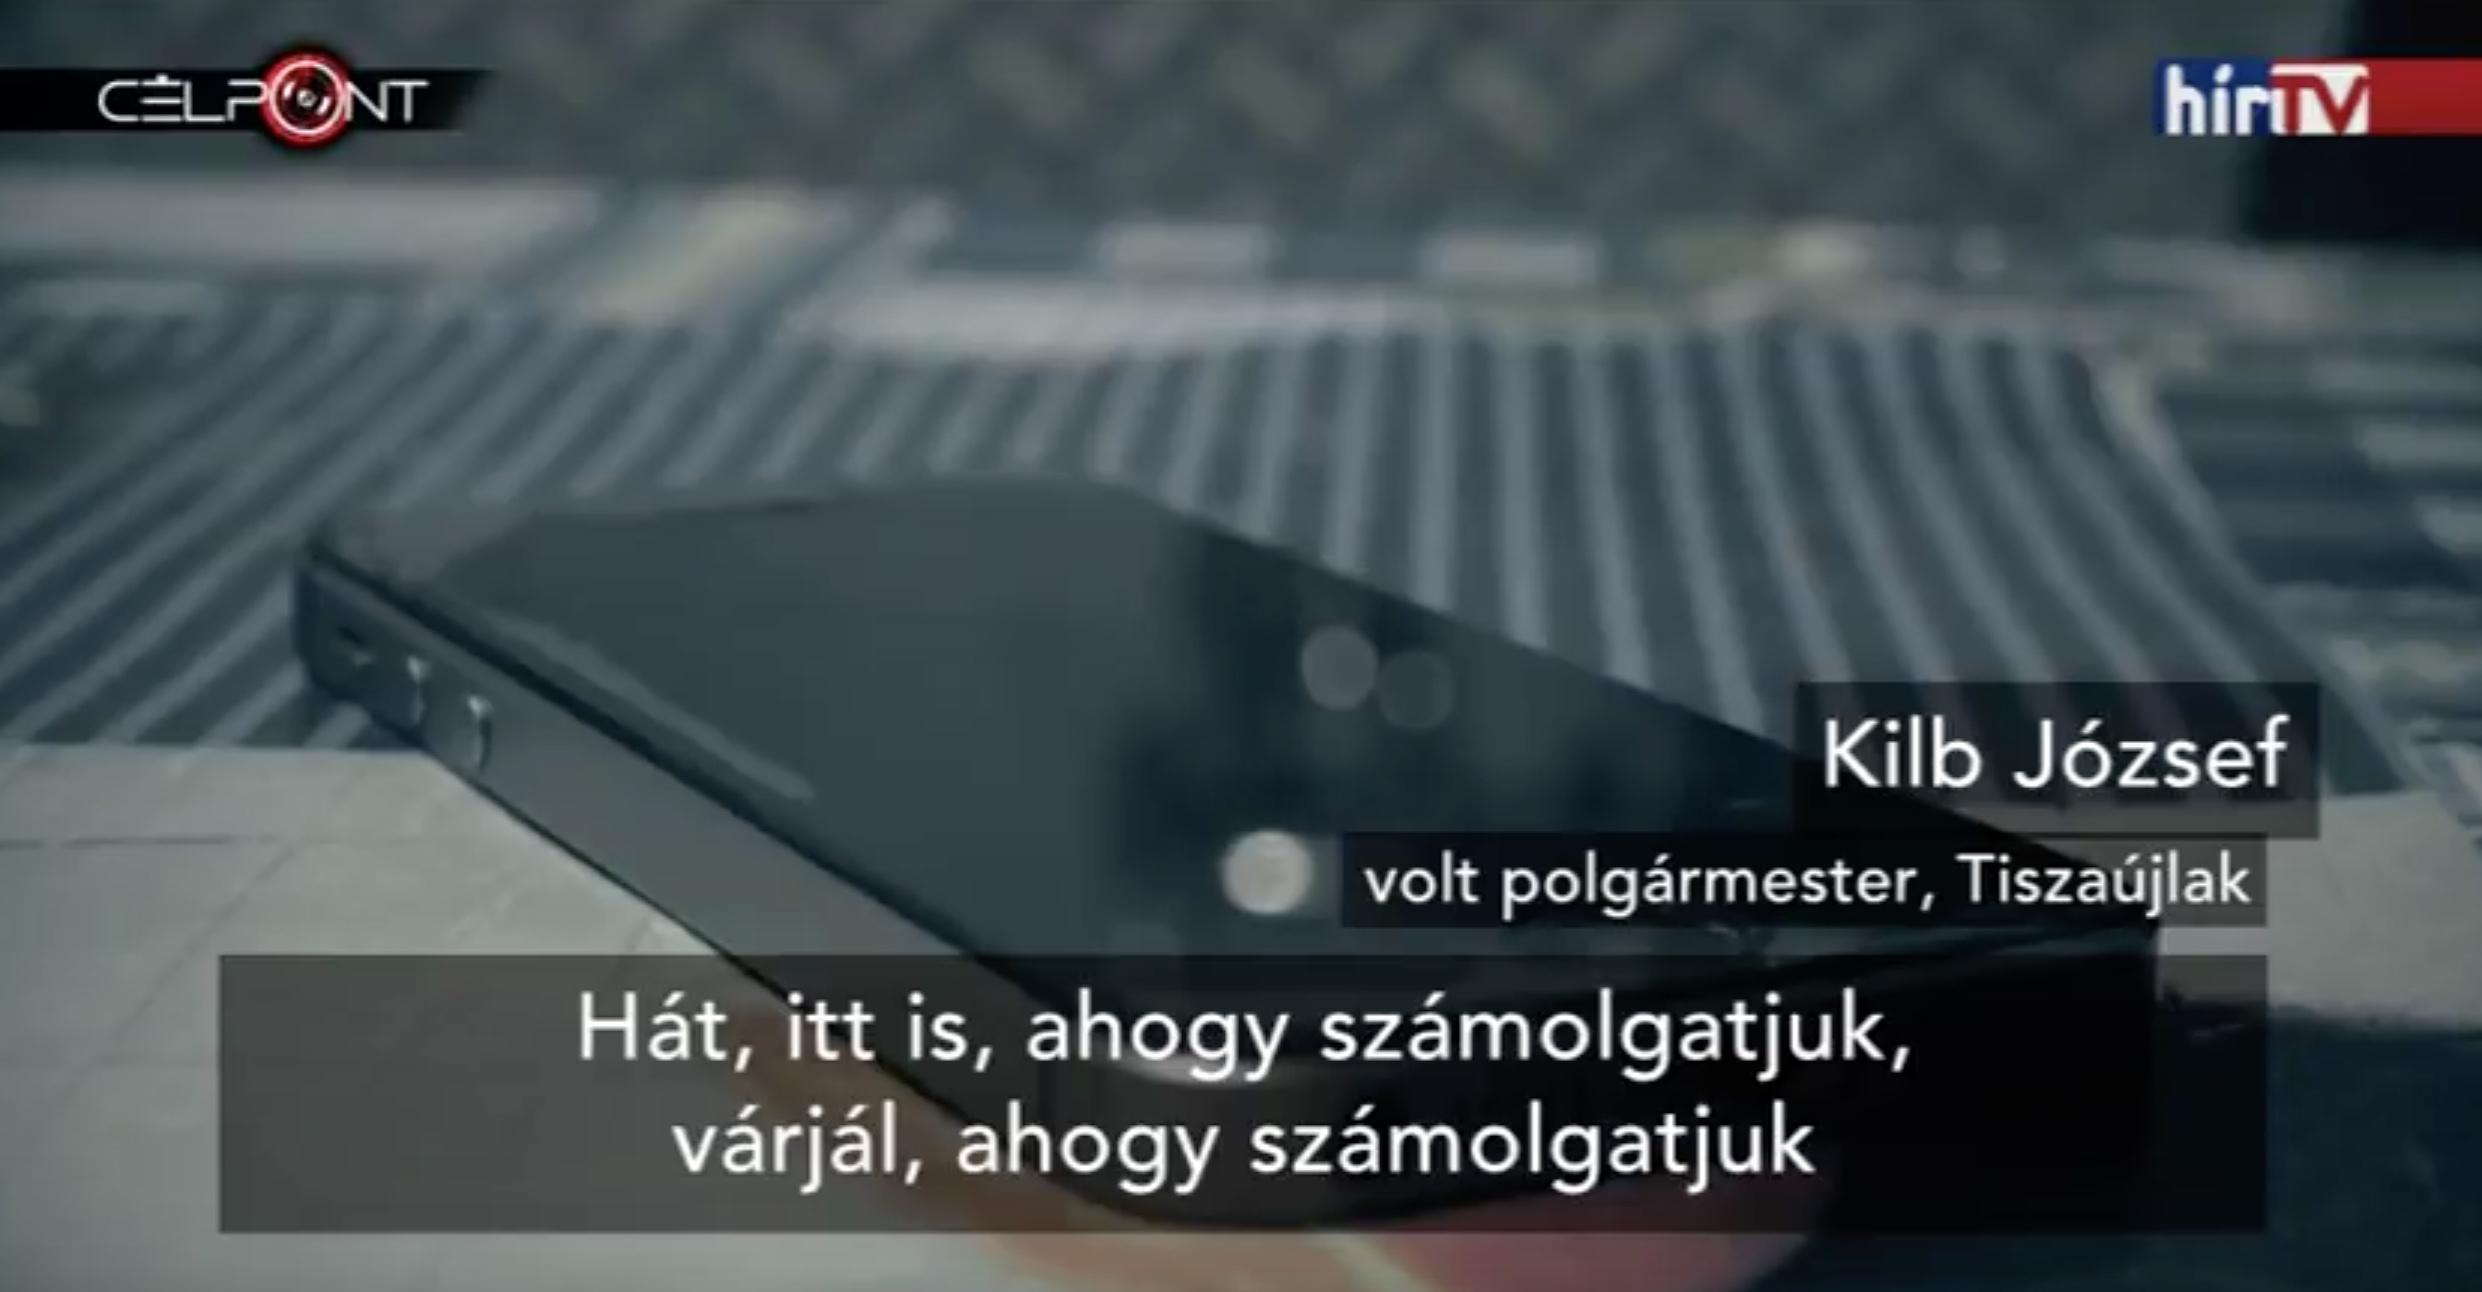 Célpont: összehangolt, és szervezett hálózat utaztatta a kamu magyar lakcímmel rendelkező ukránokat szavazni